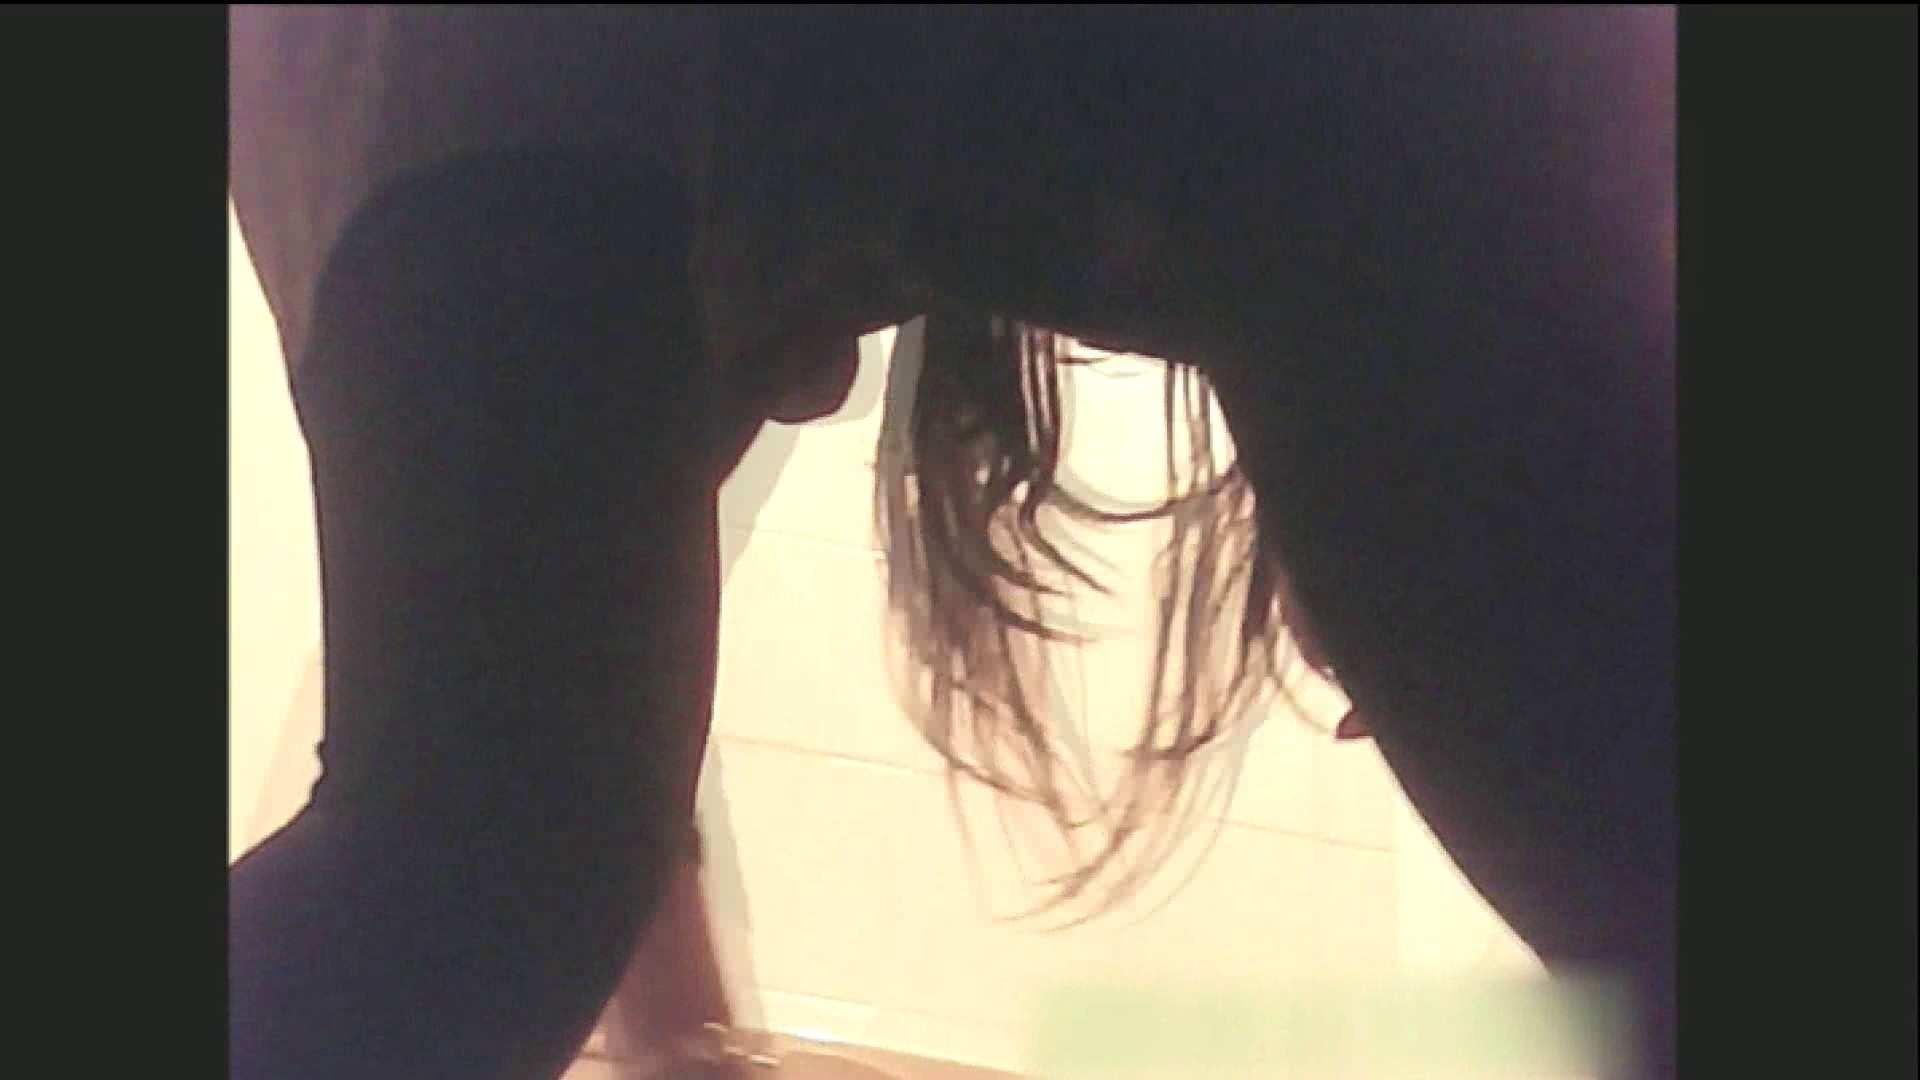 実録!!綺麗なお姉さんのトイレ事情・・・。vol.10 OLの実態 覗きおまんこ画像 86pic 2